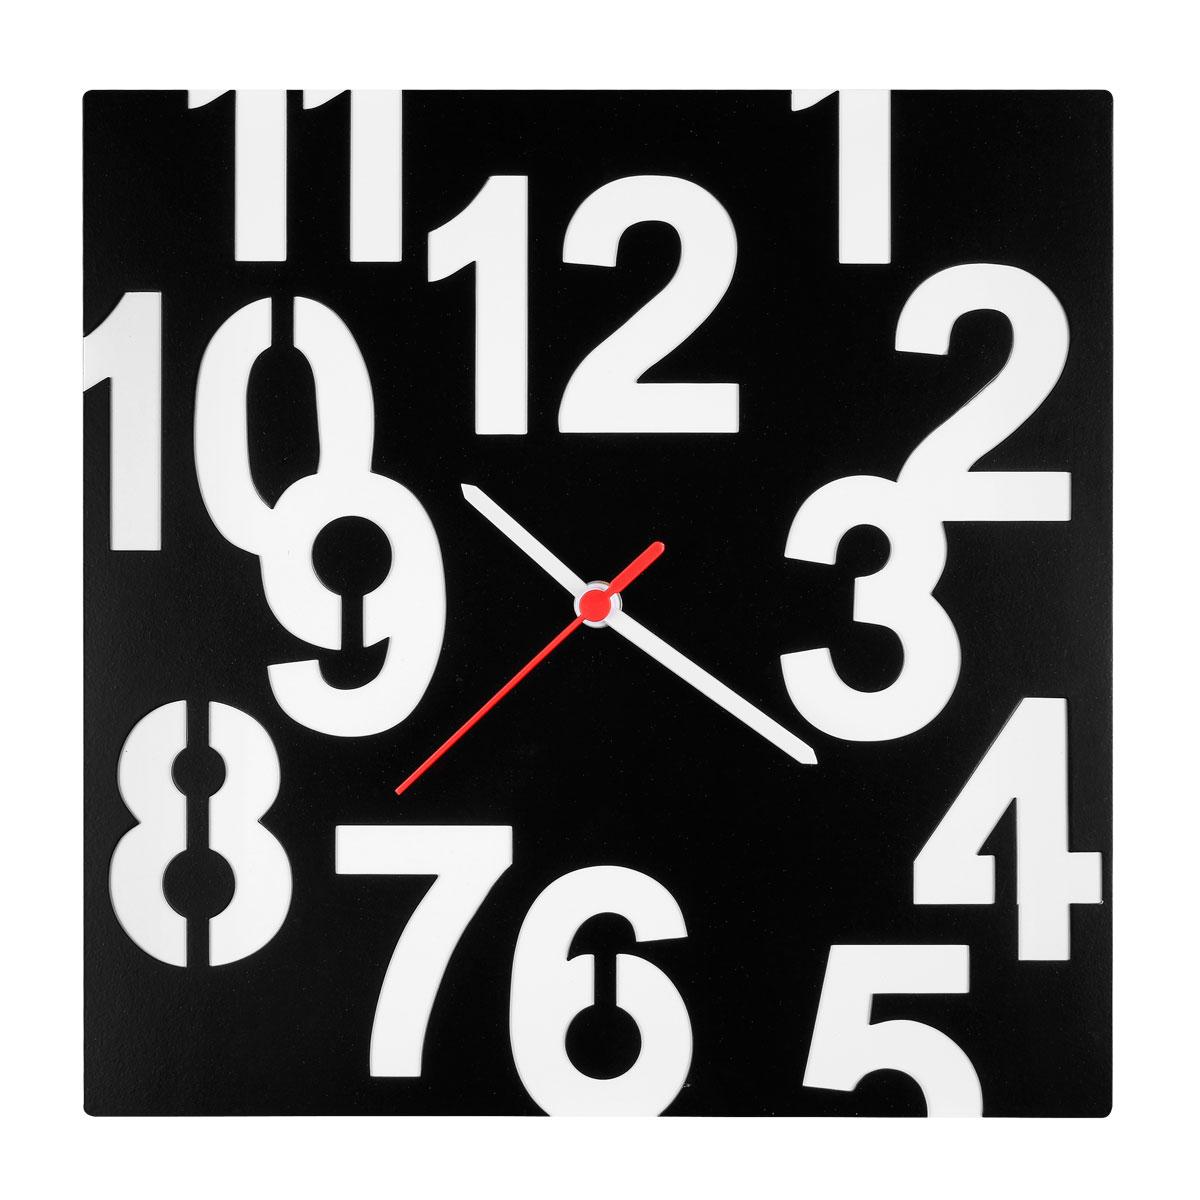 Часы настенные Miolla Квадрат с цифрами, цвет: черный, белыйCH014Оригинальные настенные часы круглой формы выполнены из стали. Часы имеют три стрелки - часовую, минутную и секундную и циферблат с цифрами. Необычное дизайнерское решение и качество исполнения придутся по вкусу каждому. Оформите свой дом таким интерьерным аксессуаром или преподнесите его в качестве презента друзьям, и они оценят ваш оригинальный вкус и неординарность подарка.